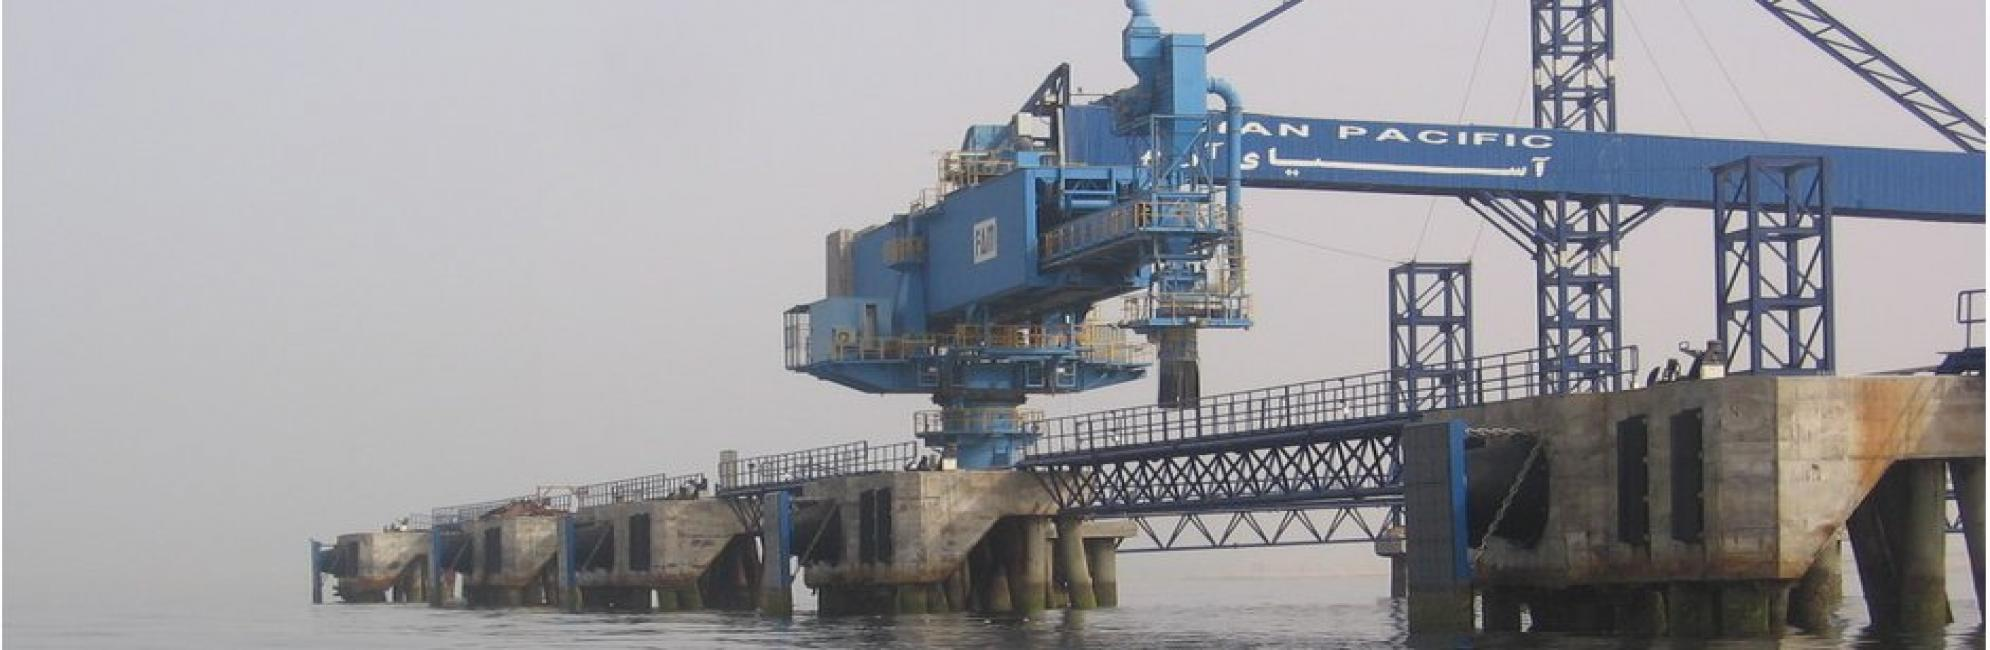 پایه نگهدارنده نوار نقاله اسکله ساروج ، Ship loader مطالعات، طراحی و خدمات مرحله 3  پهلوگیرها، پايه